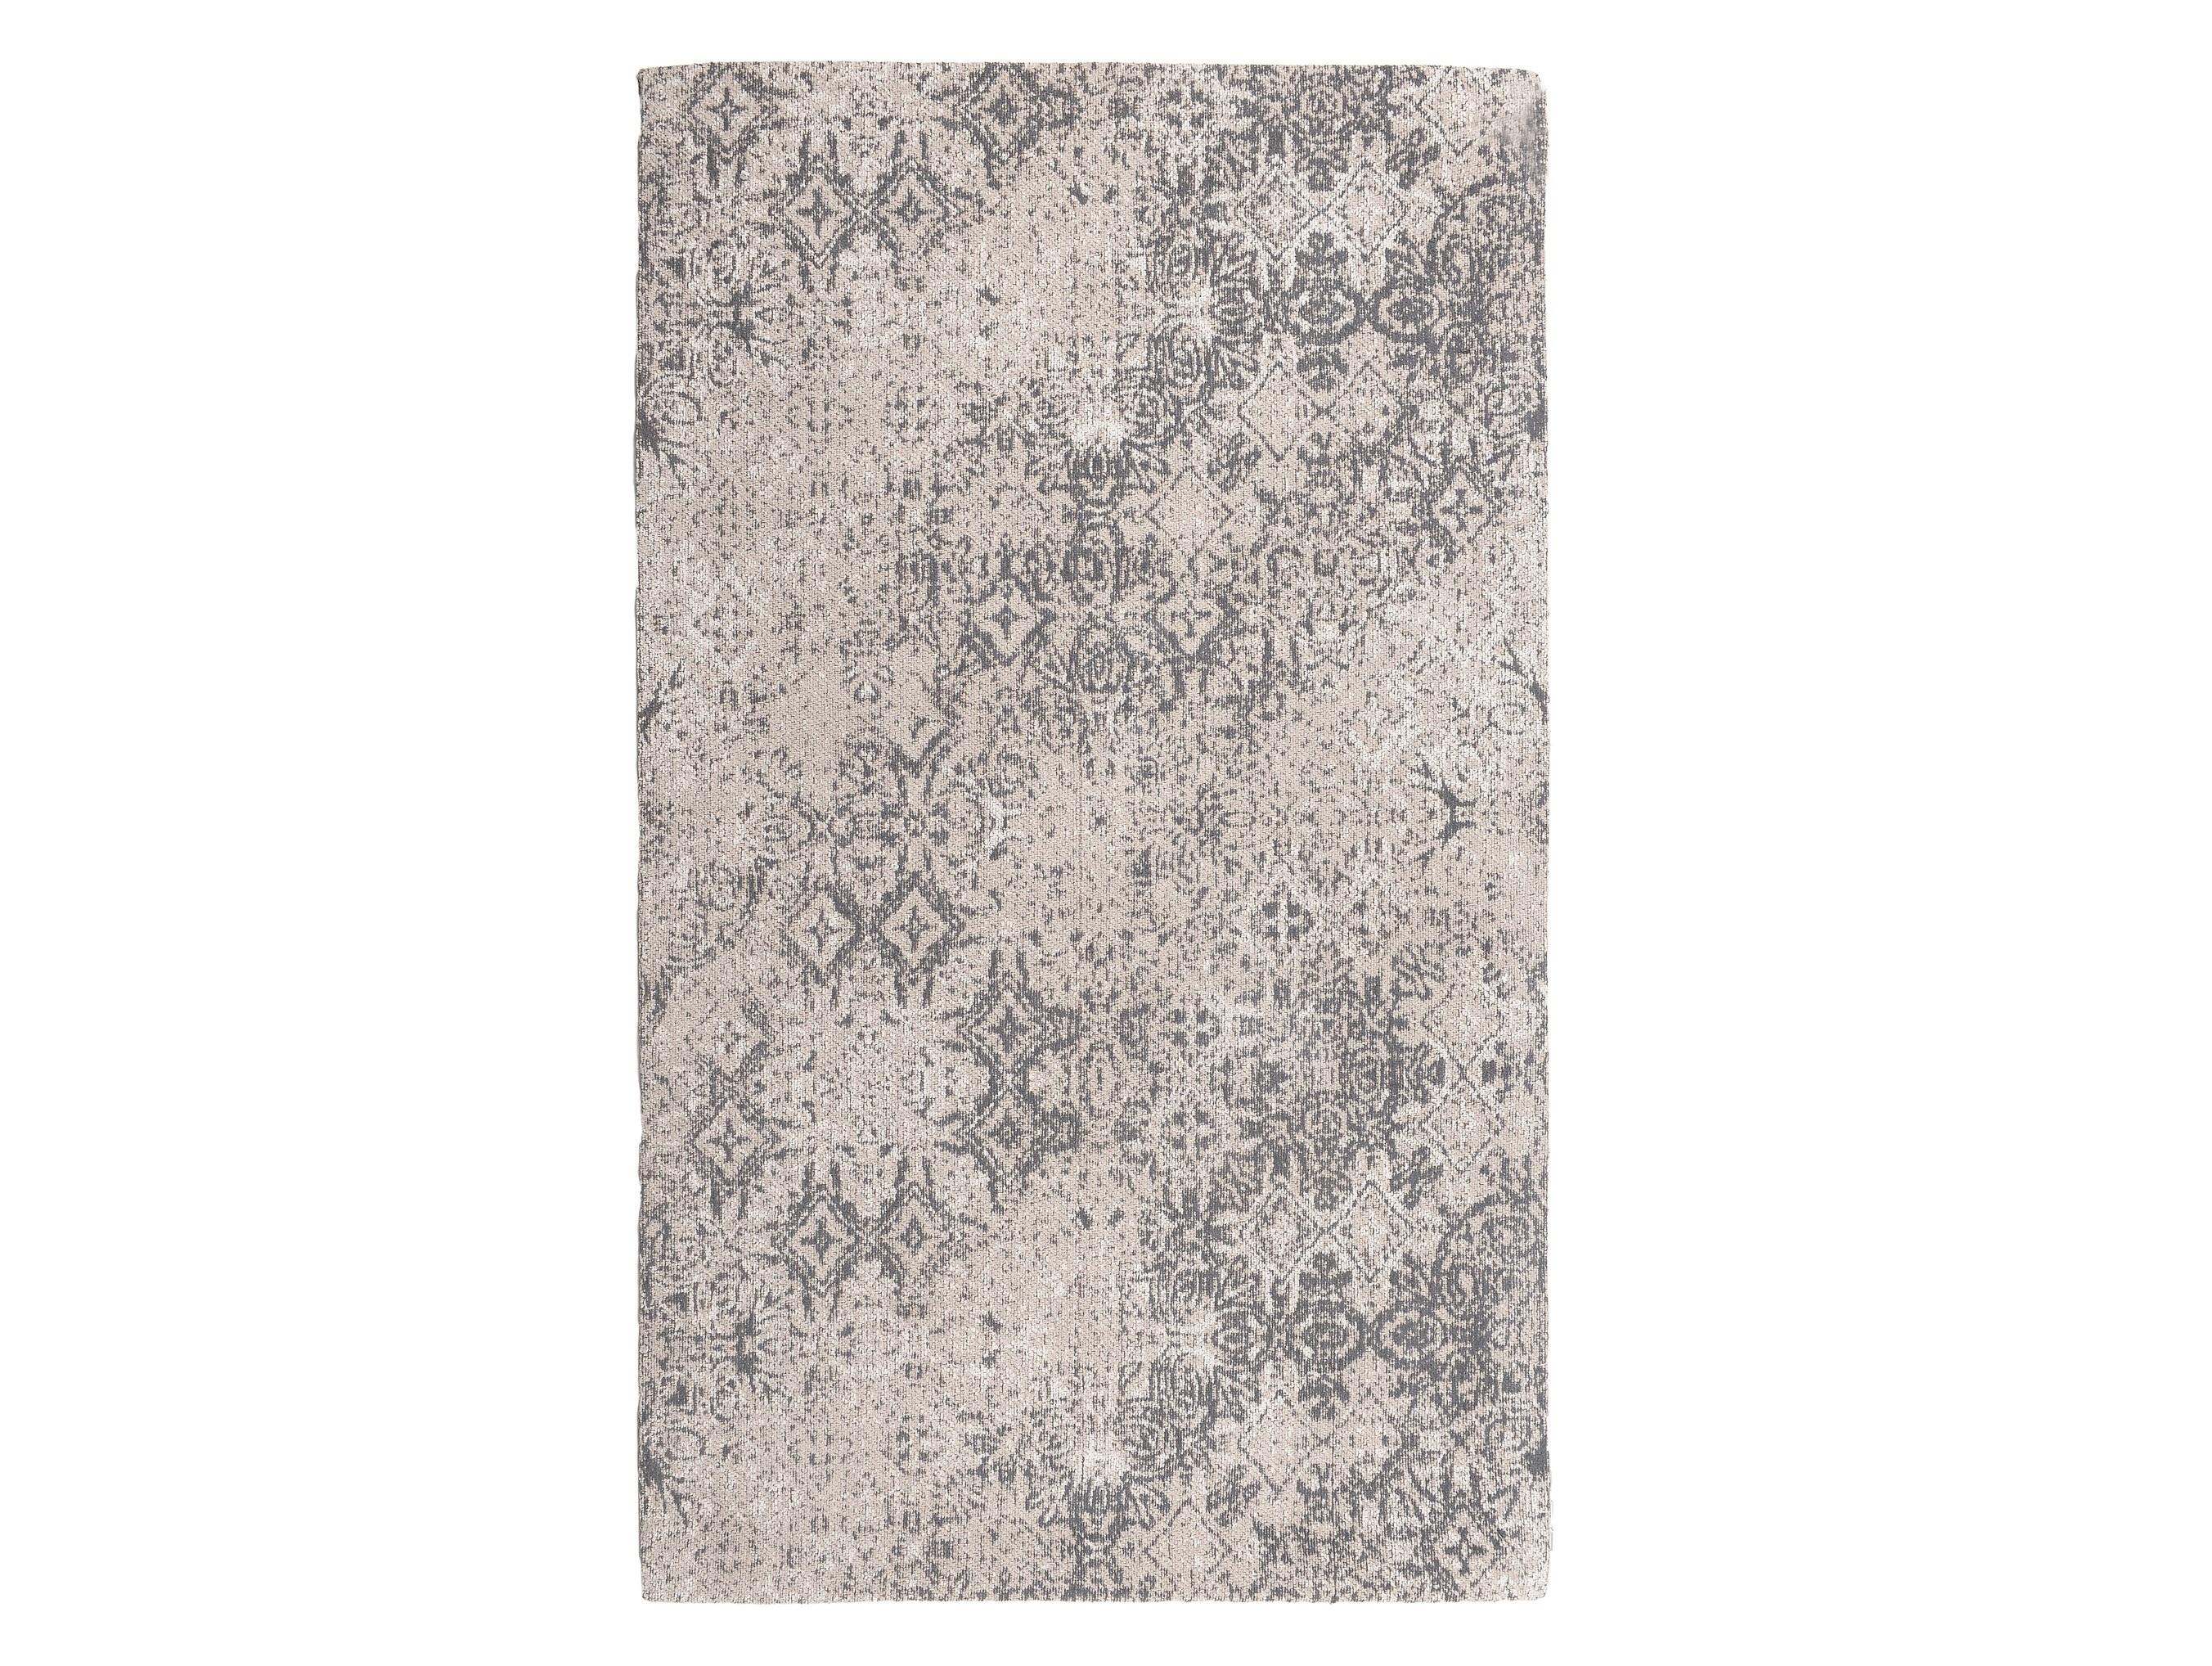 Ковер Zine-EddineПрямоугольные ковры<br><br><br>Material: Текстиль<br>Ширина см: 120<br>Высота см: 1<br>Глубина см: 180